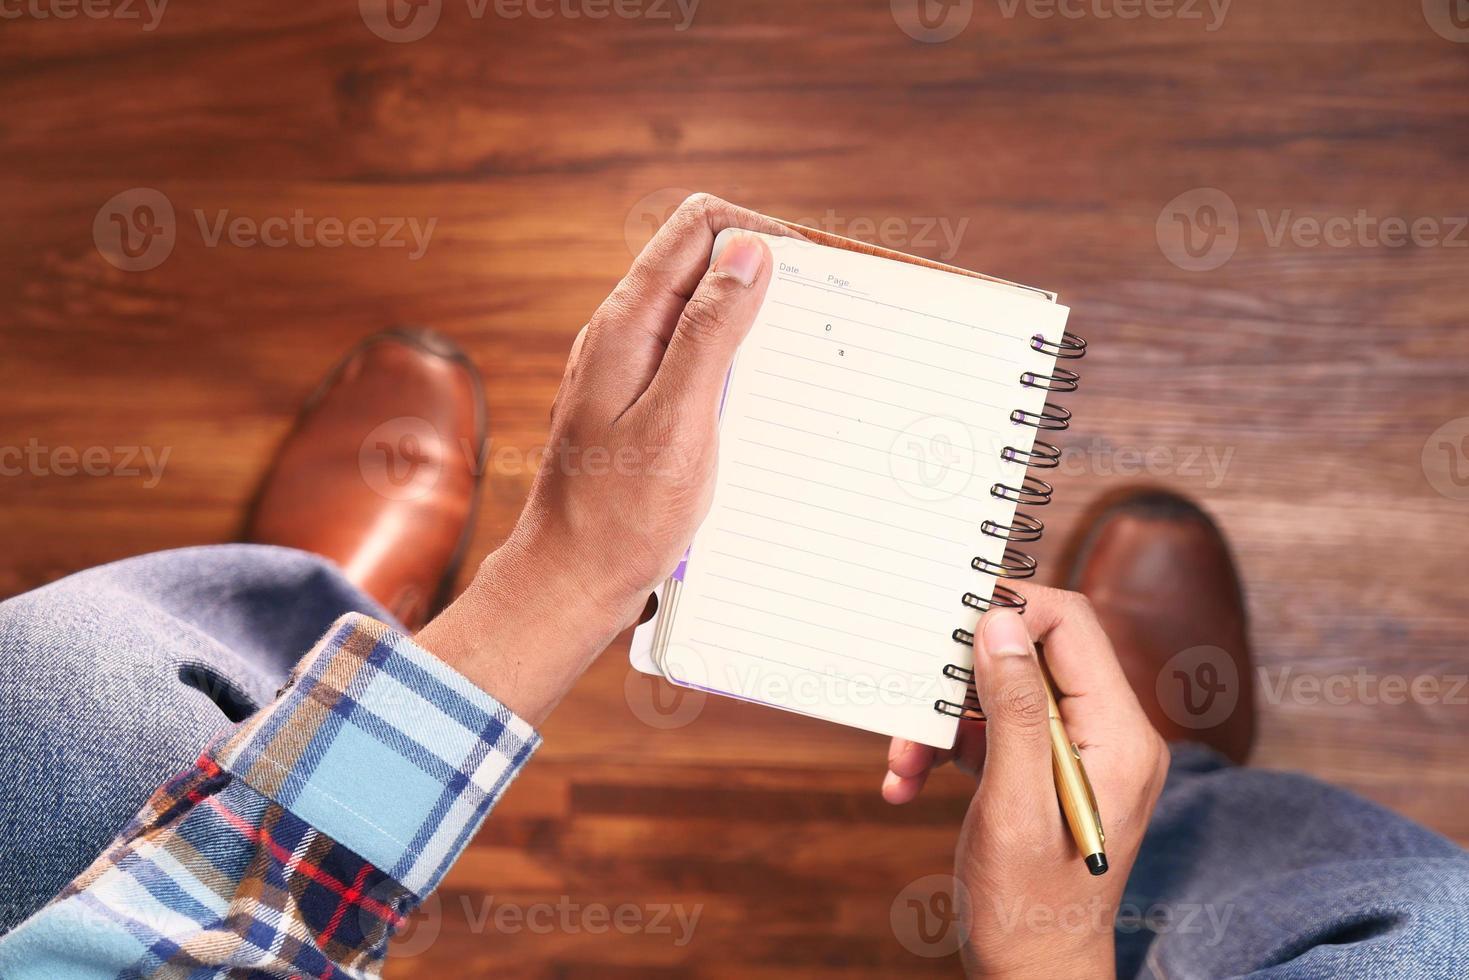 Vue grand angle d'un homme assis sur une chaise tenant un bloc-notes photo